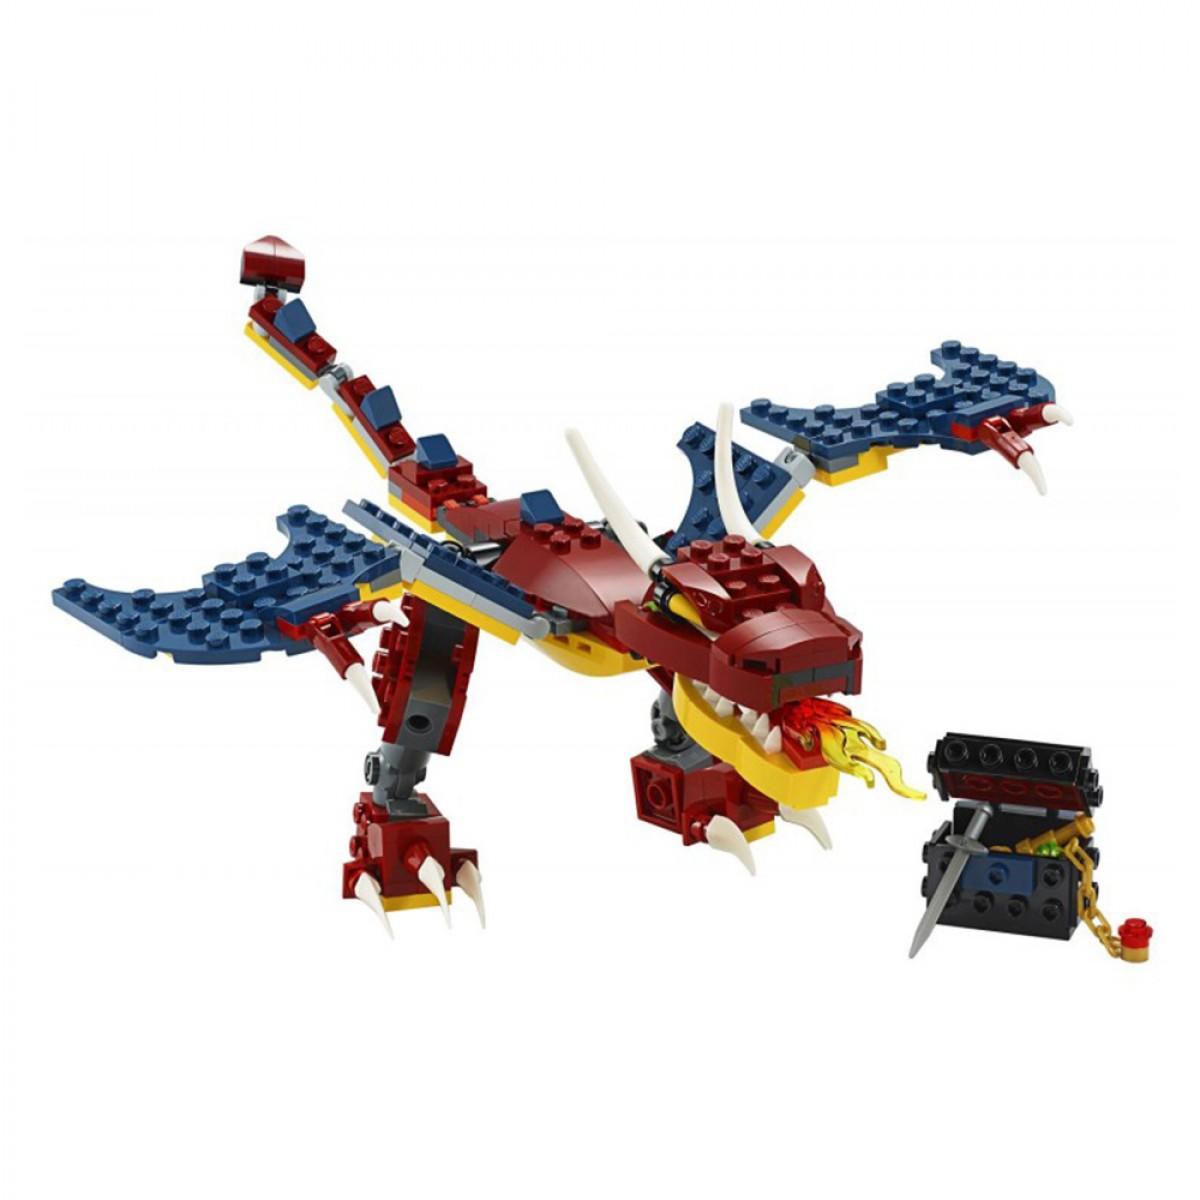 LEGO FIRE DRAGON 31102